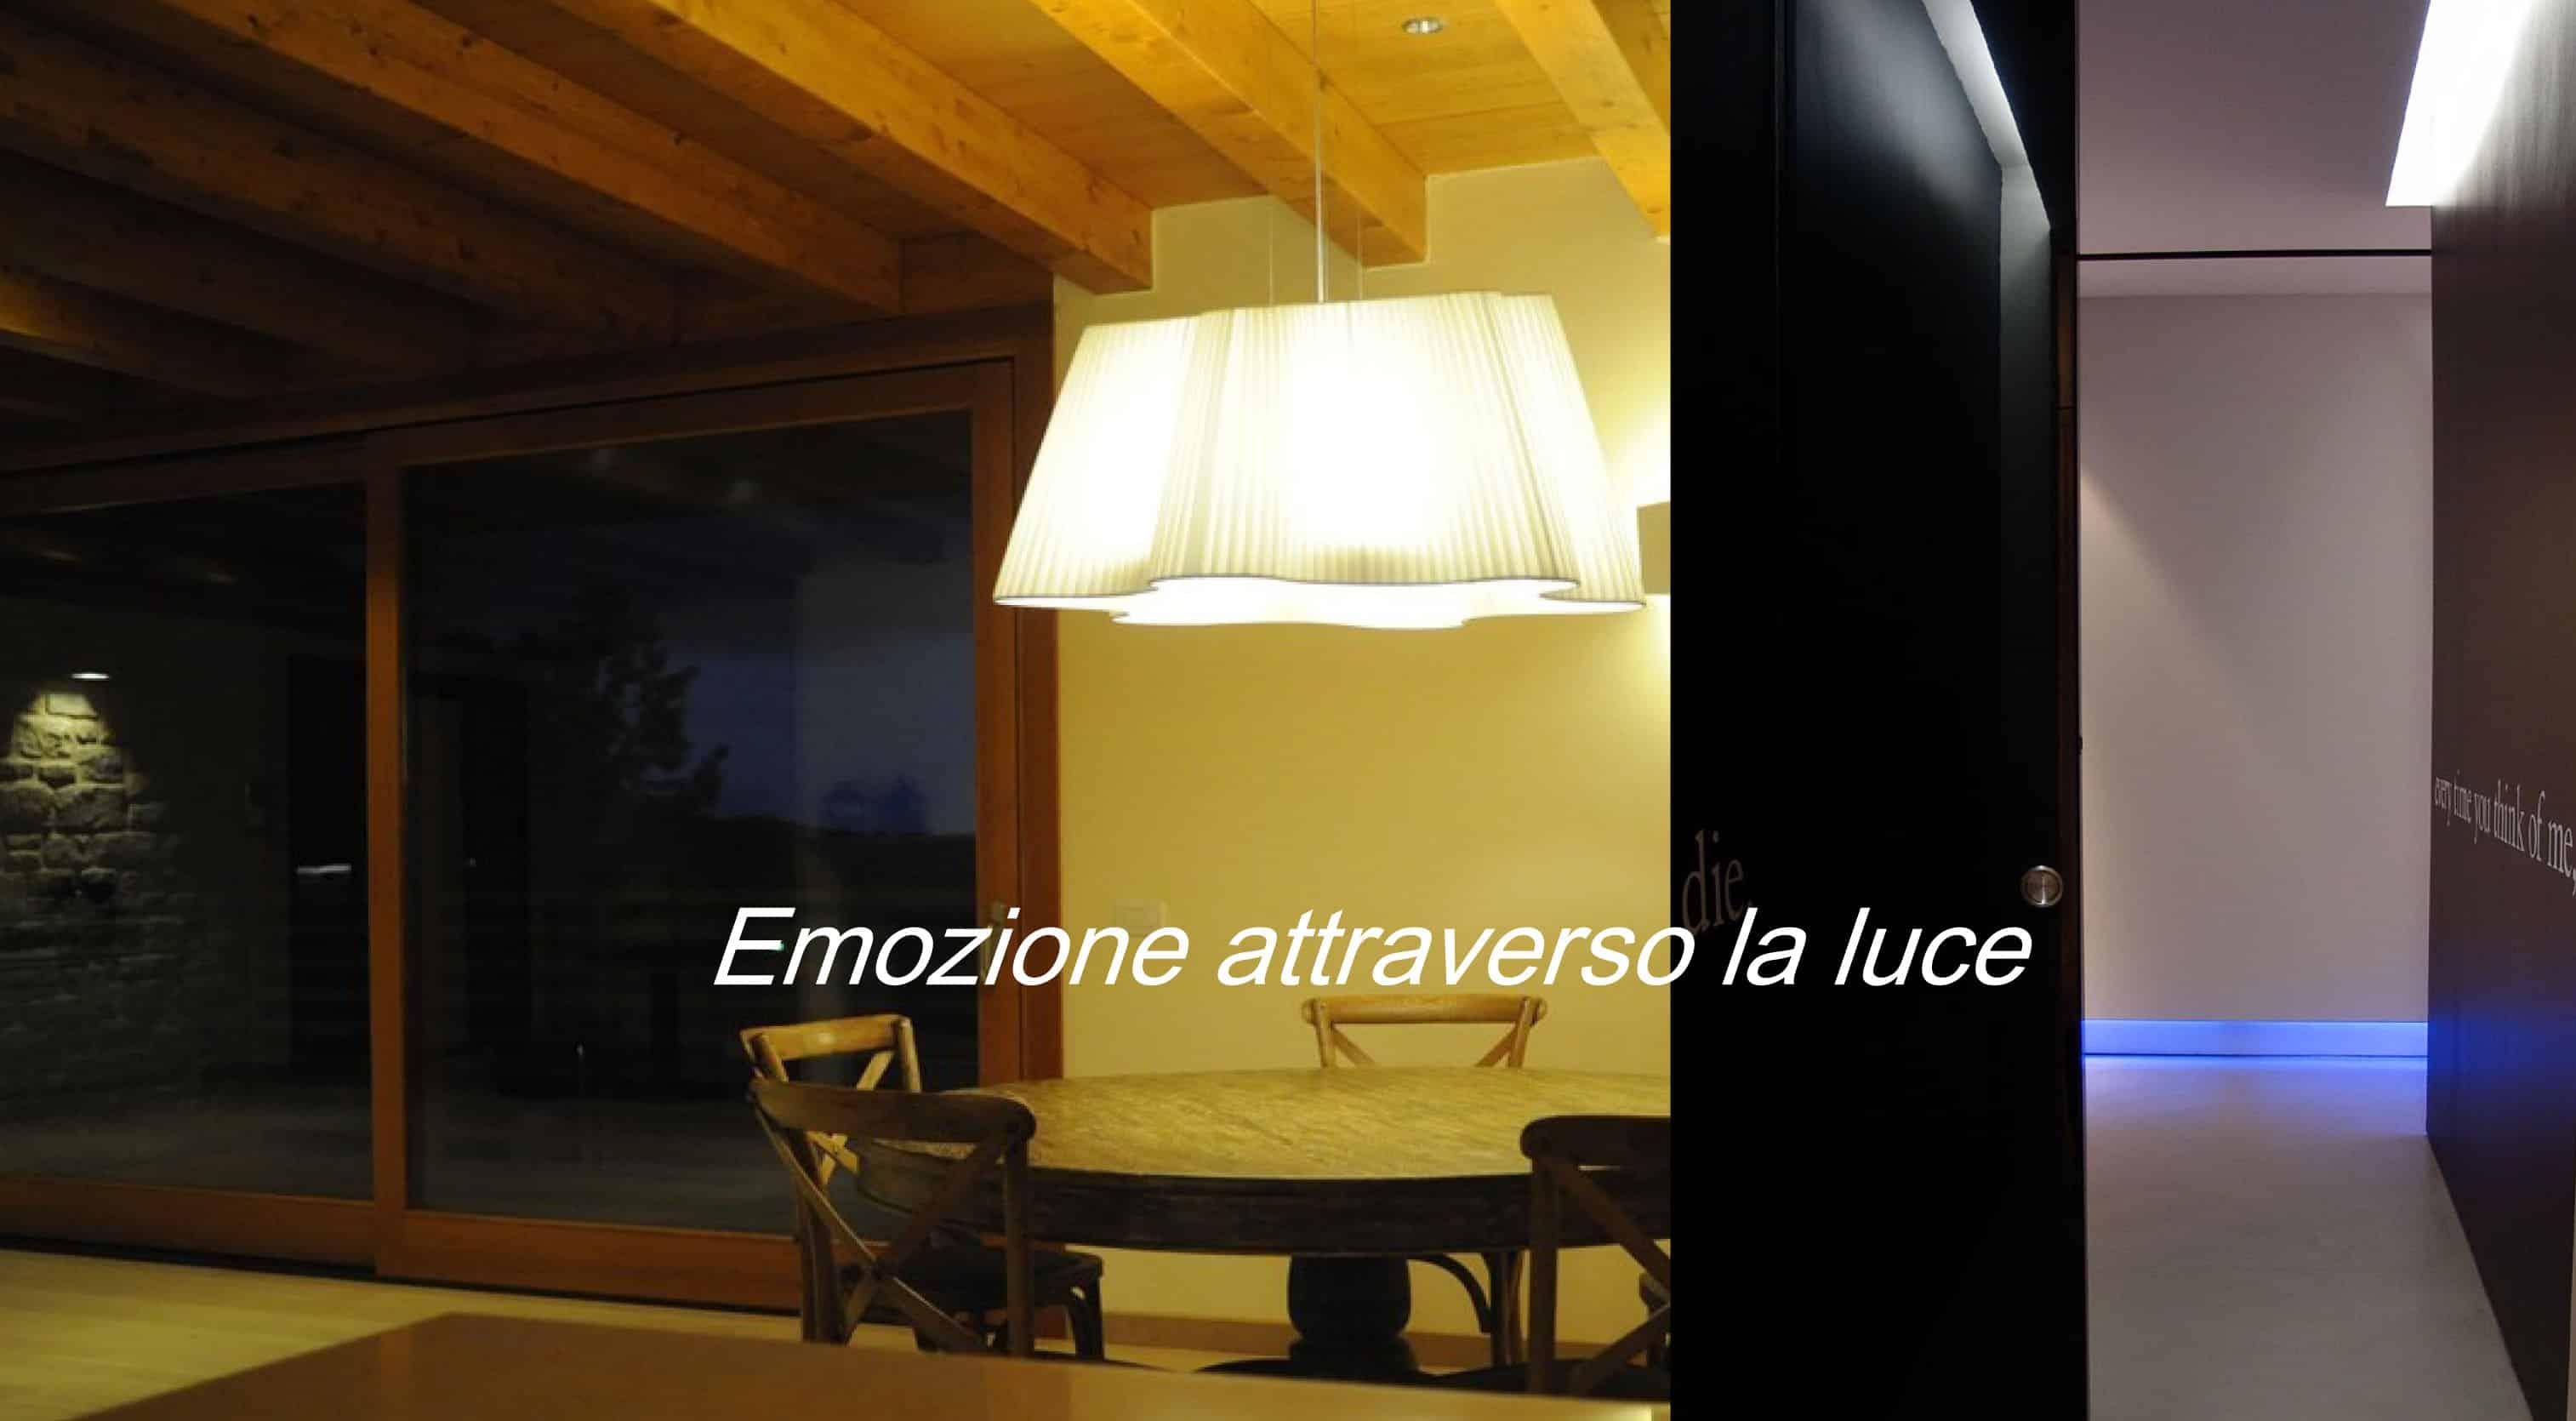 Luce come emozione, nuove opportunità per l'Home Staging